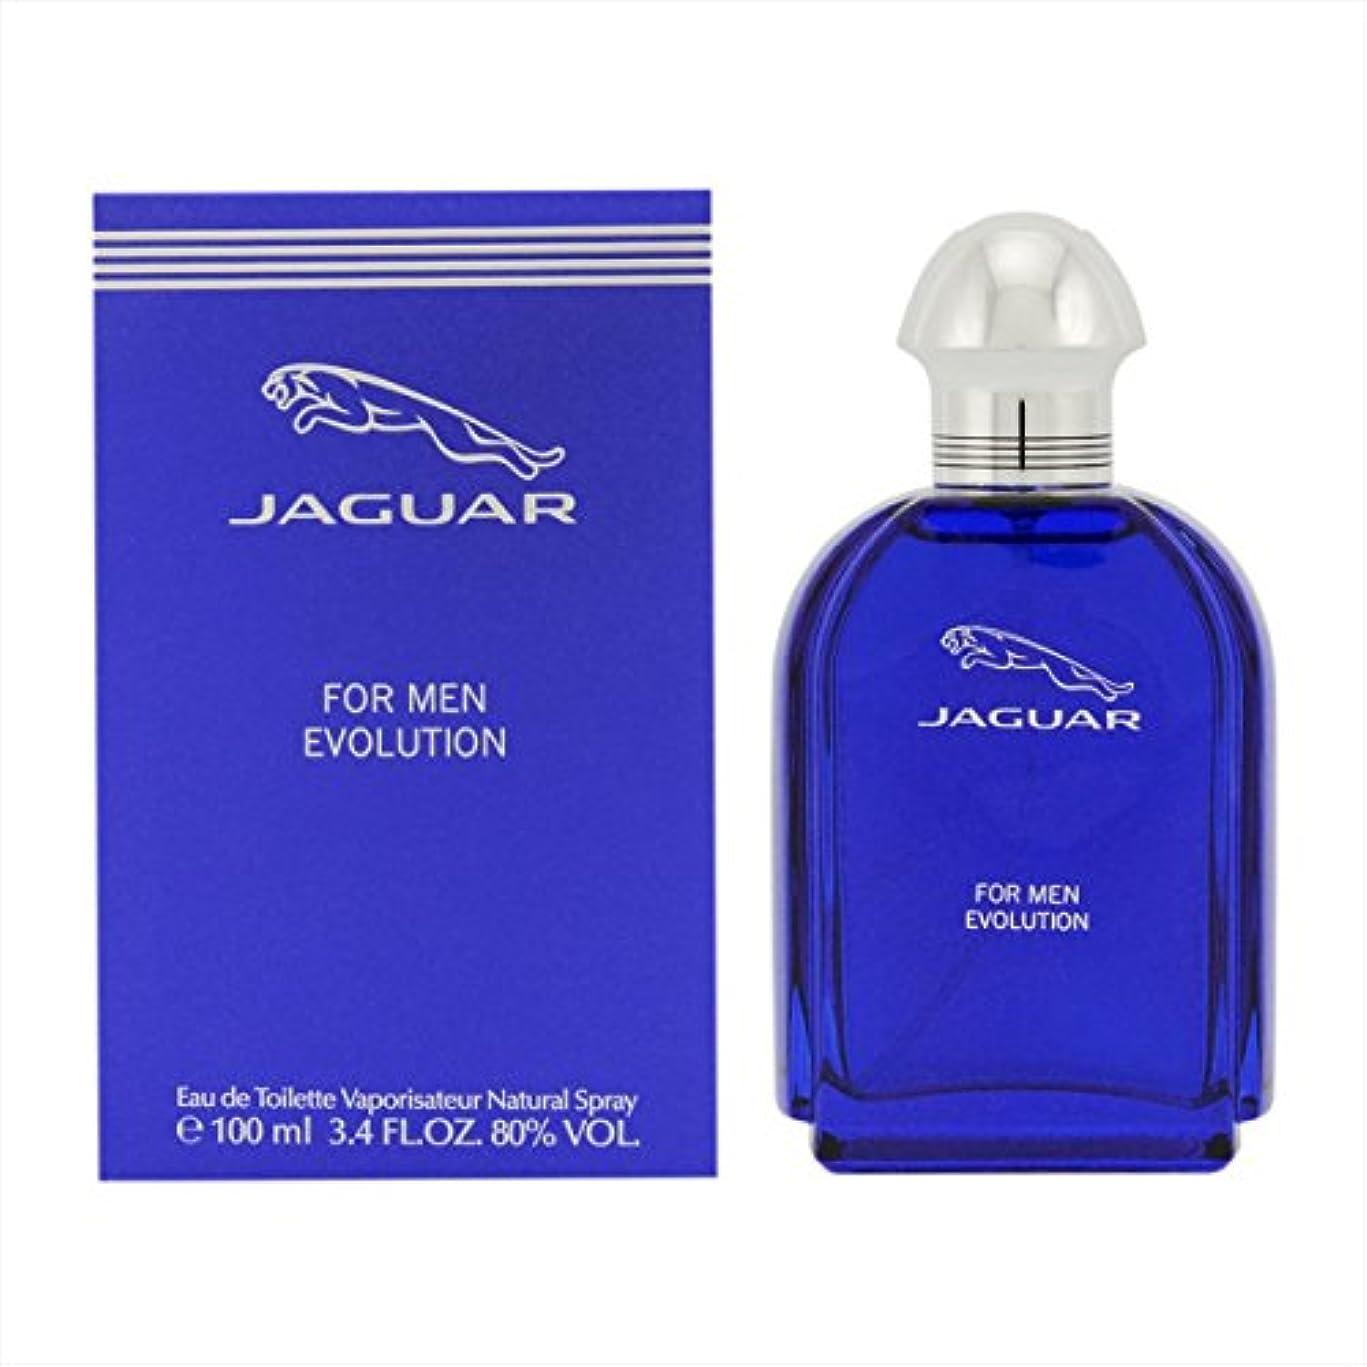 グラマー豊かにする終点ジャガー 香水 JAGUAR ジャガー ジャガーフォーメン エボリューション EDT/100mL 並行輸入品